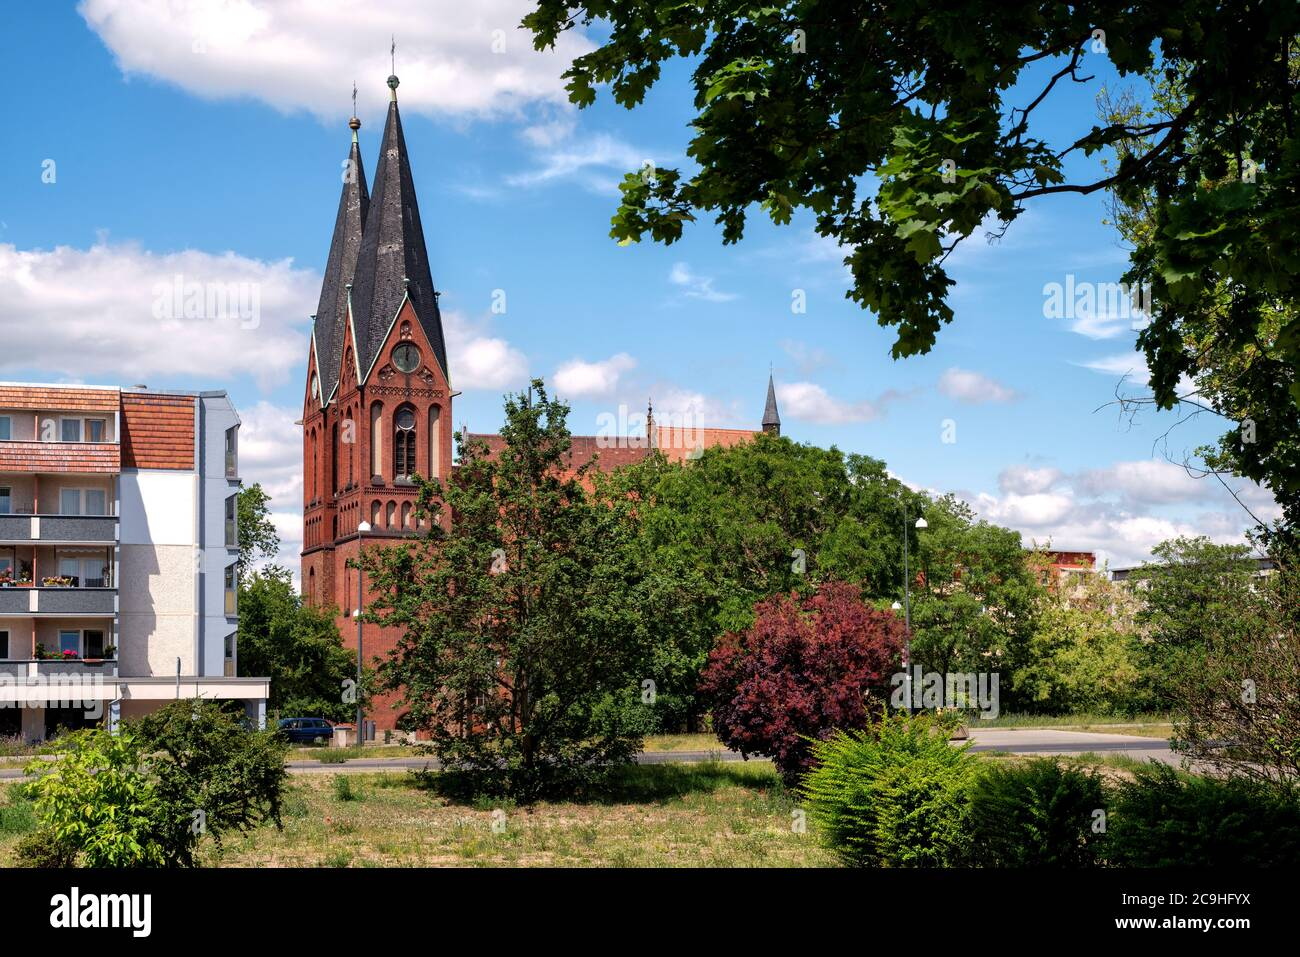 El Friedenskirche (antes Nicolaikirche y Iglesia reformada) es una iglesia protestante y el edificio de piedra más antiguo de Frankfurt (Oder). Foto de stock